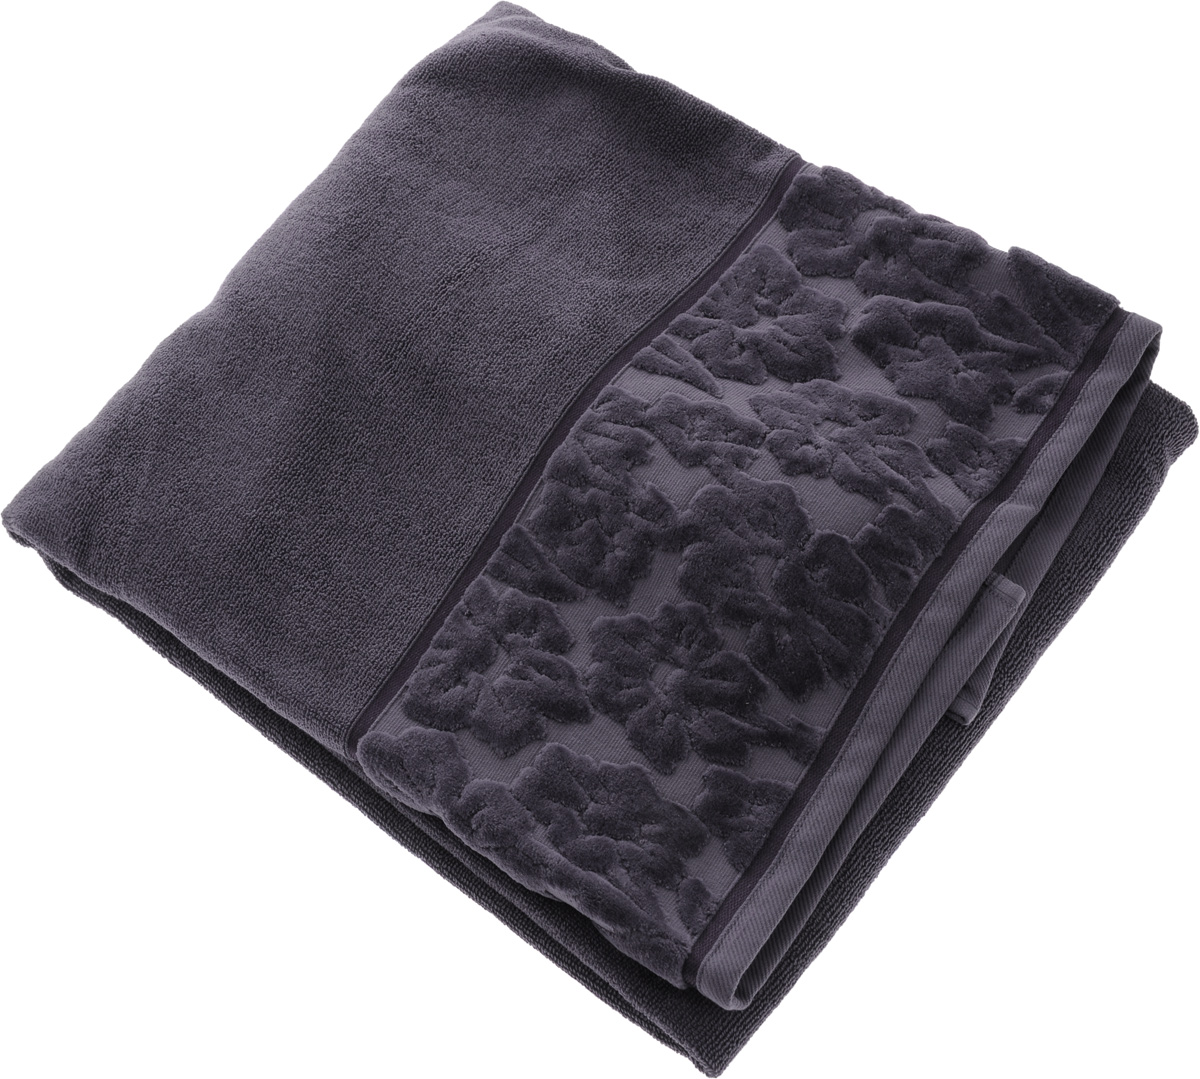 Полотенце махровое Issimo Home Jacquelyn, цвет: индиго, 90 x 150 см4978Махровое полотенце Issimo Home Jacquelyn выполнено из 100% хлопка. Изделие отлично впитывает влагу, быстро сохнет, сохраняет яркость цвета и не теряет форму даже после многократных стирок. Полотенце очень практично и неприхотливо в уходе. Оно прекрасно дополнит интерьер ванной комнаты.